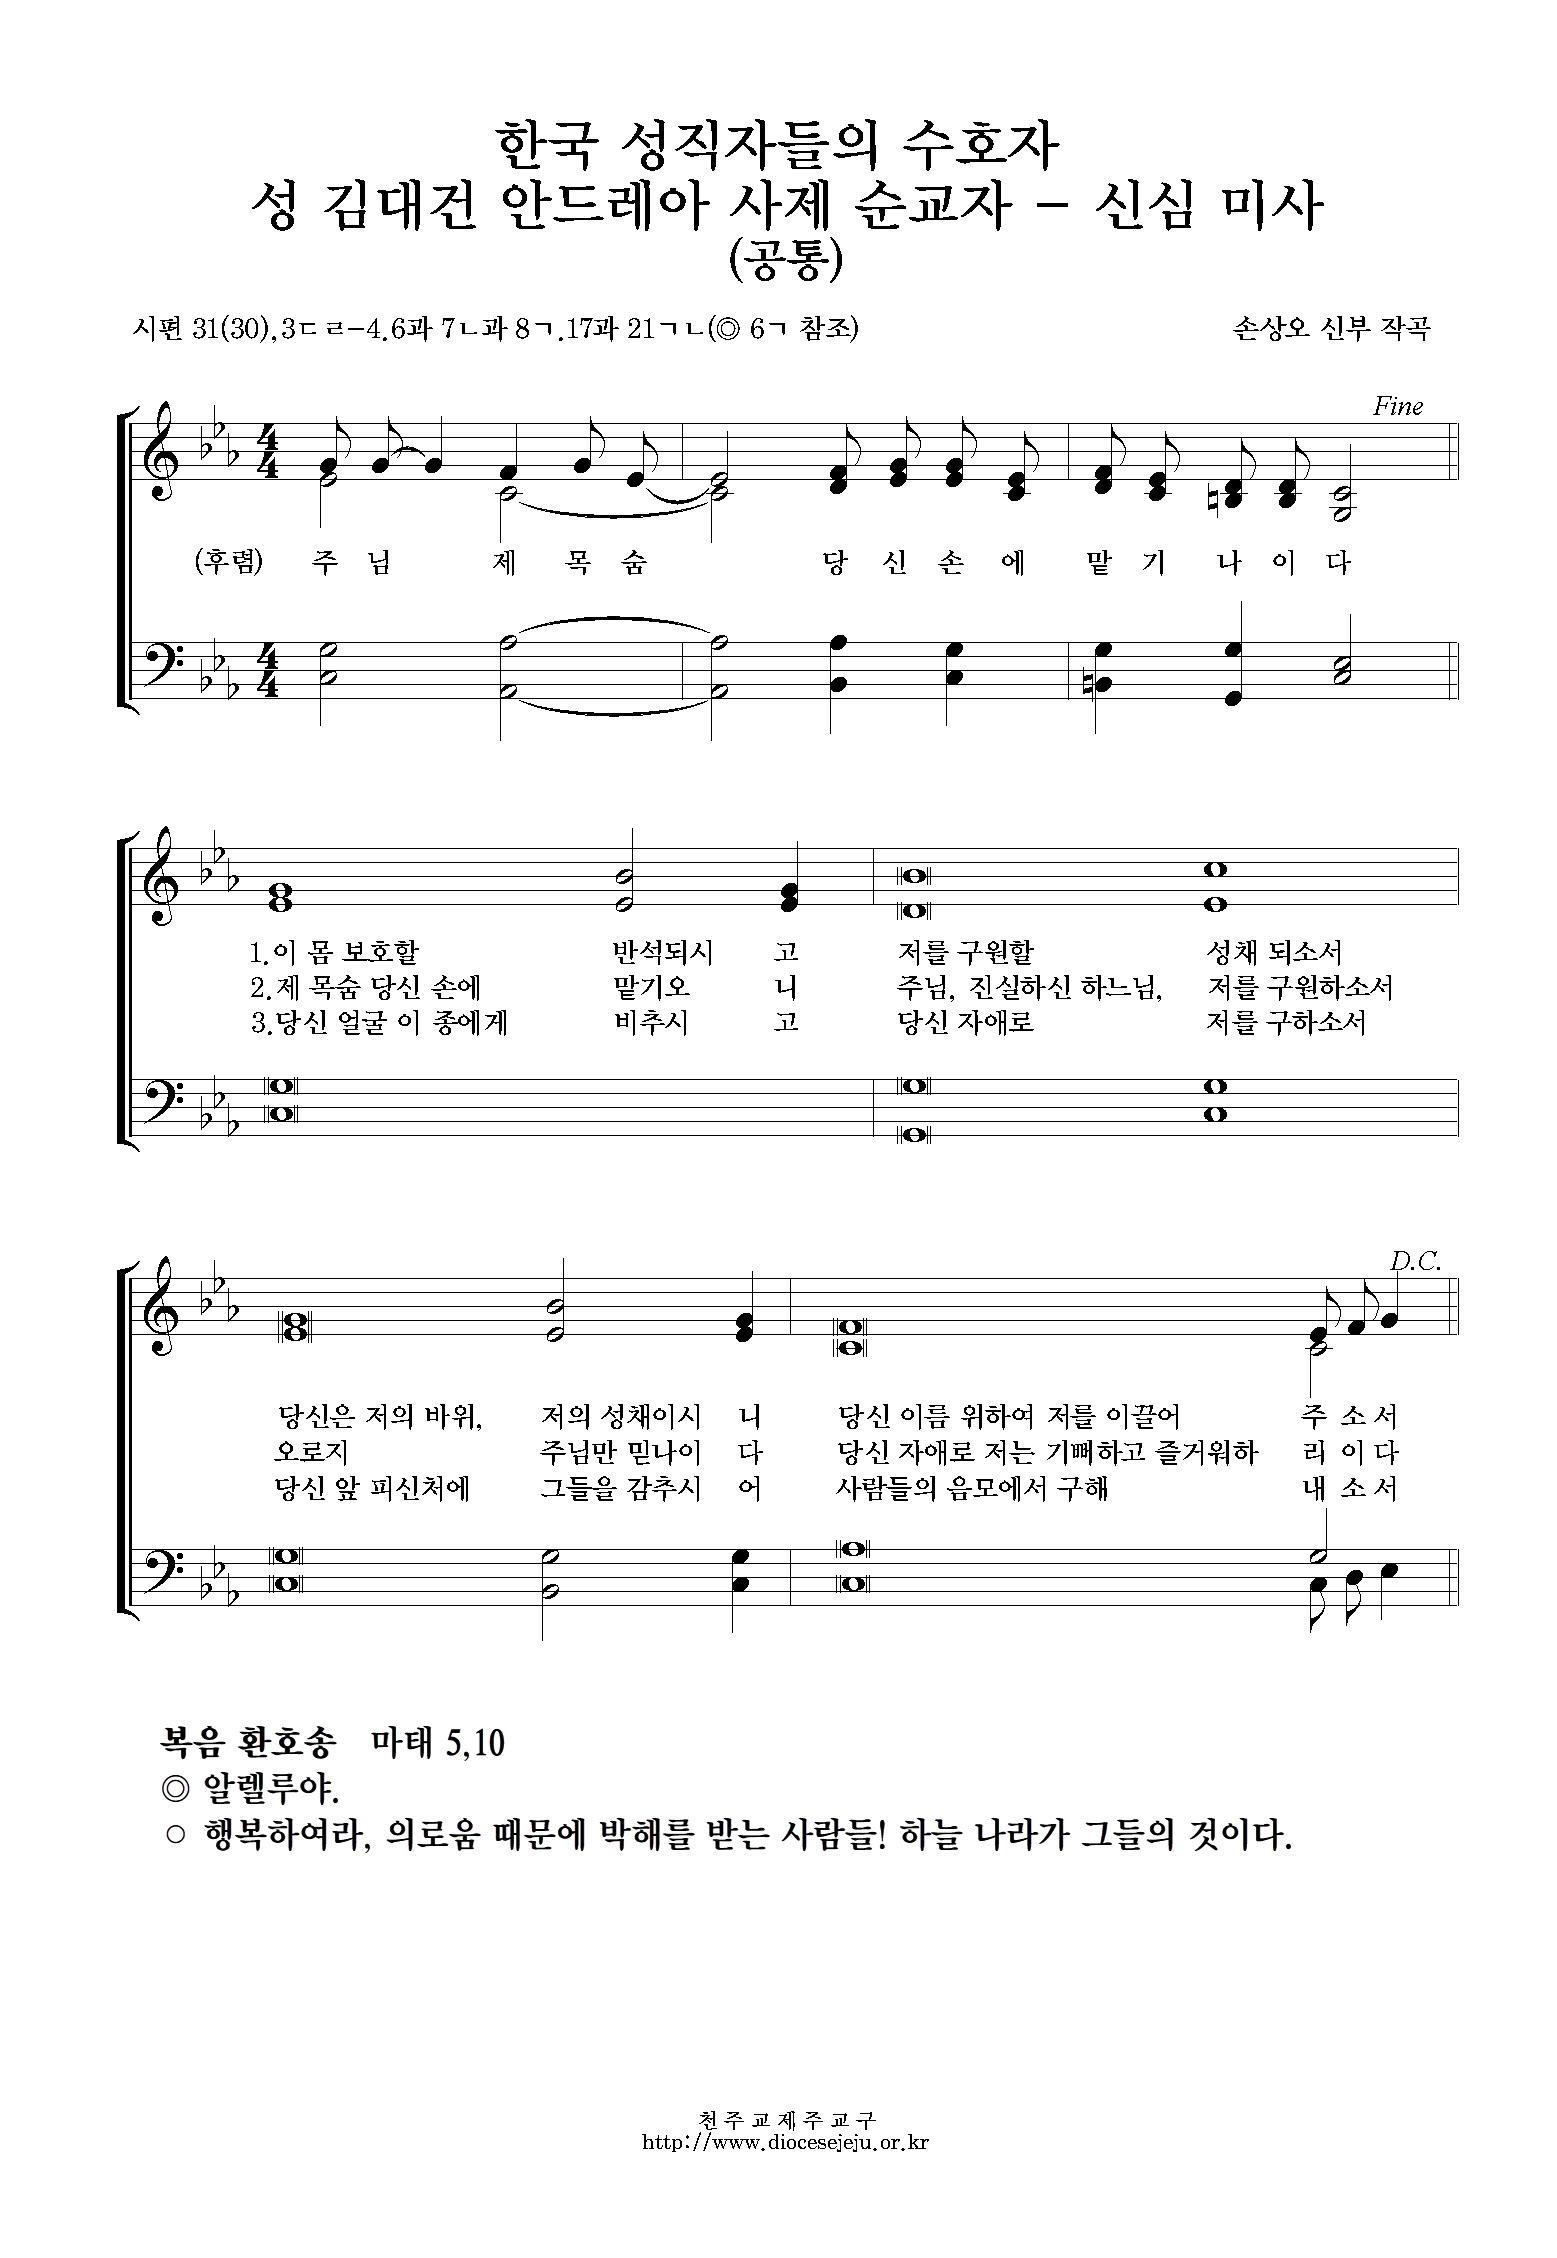 20180705-한국 성직자들의 수호자 성 김대건 안드레아 사제 순교자 - 신심 미사.jpg